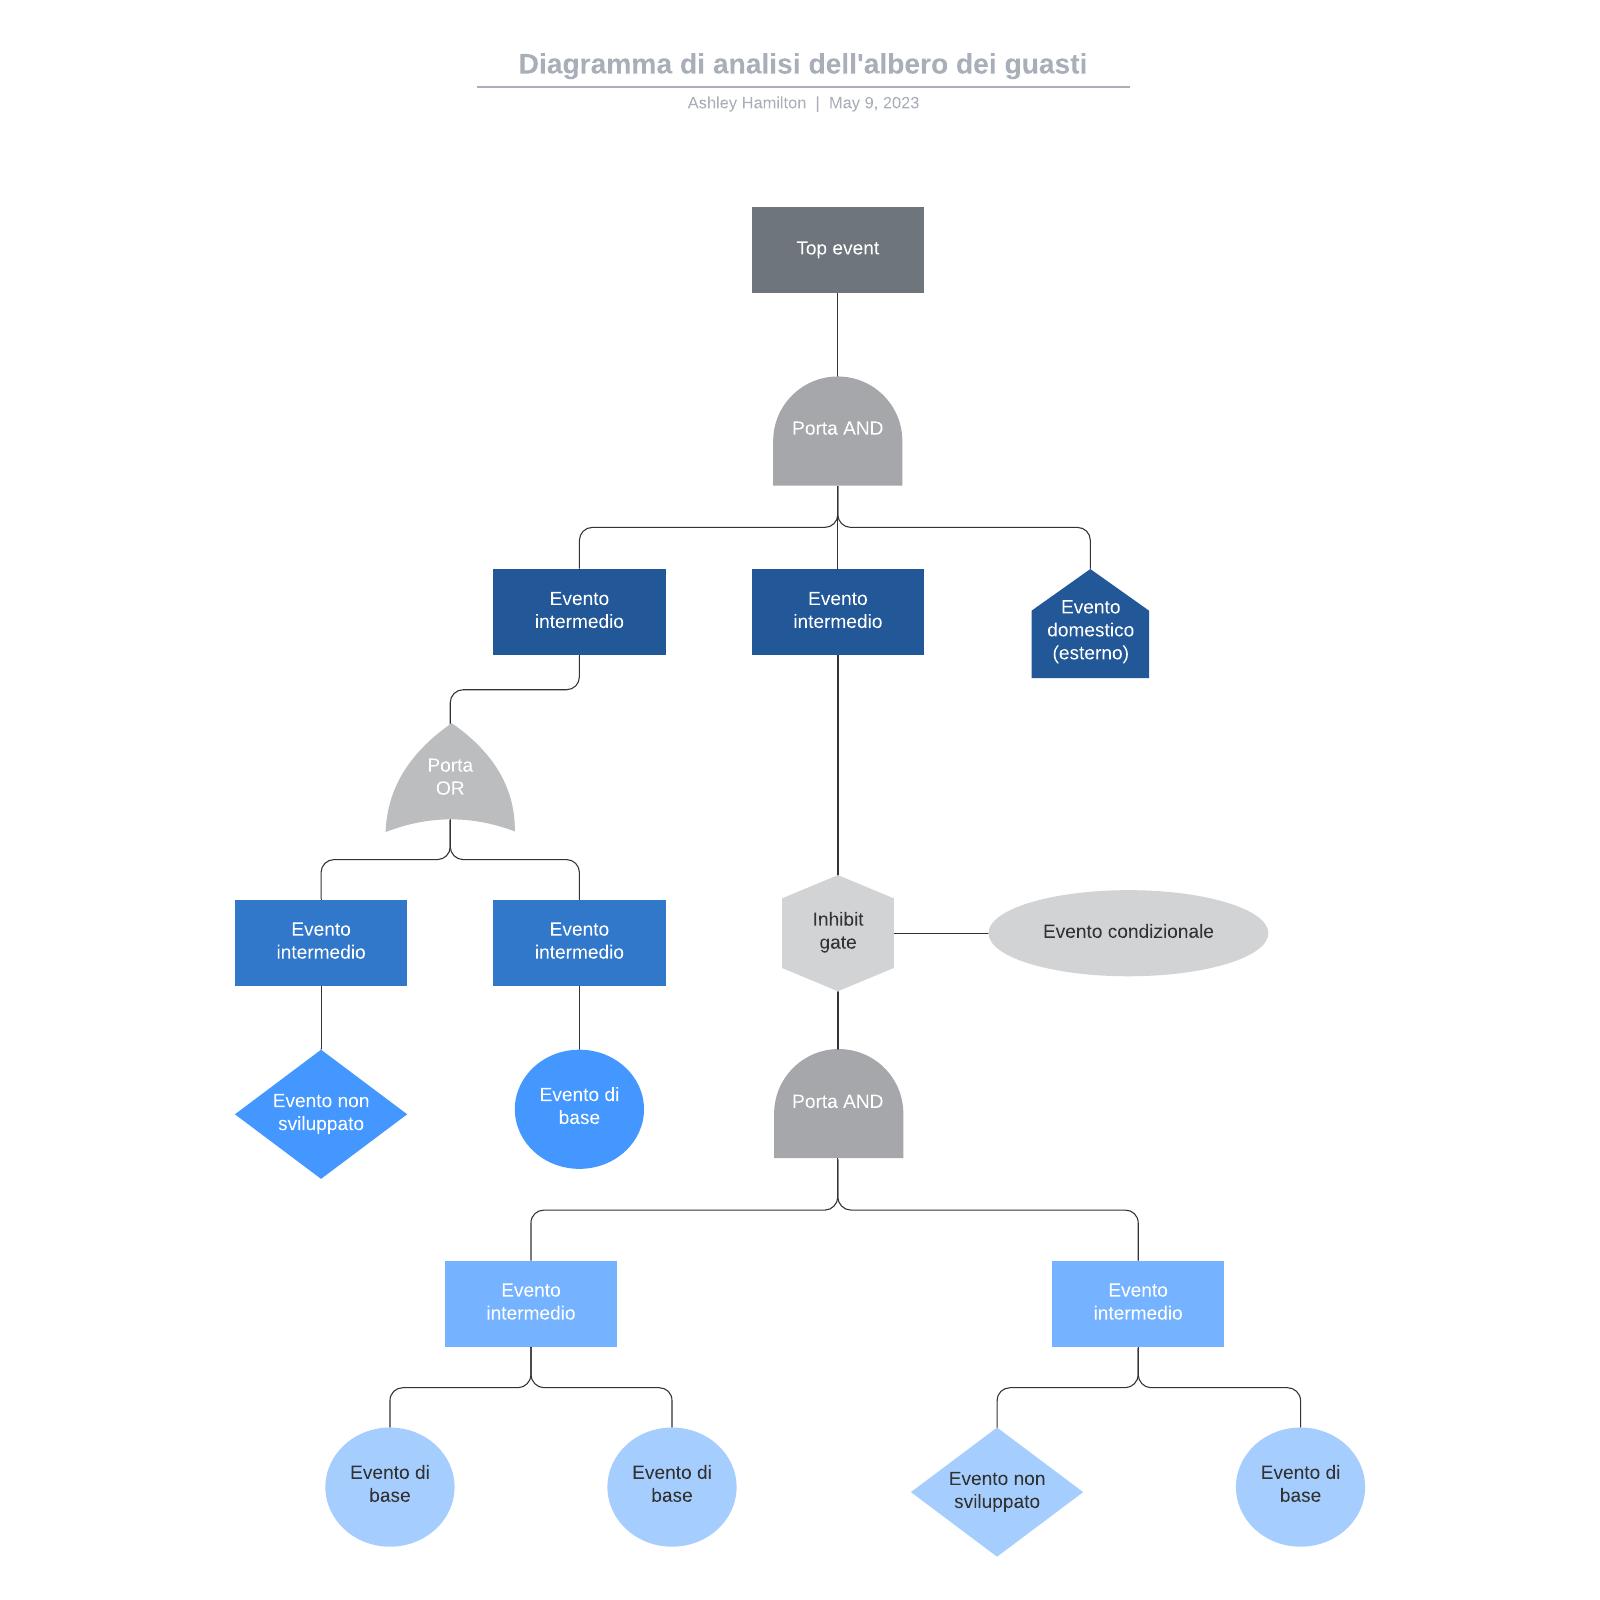 Diagramma di analisi dell'albero dei guasti